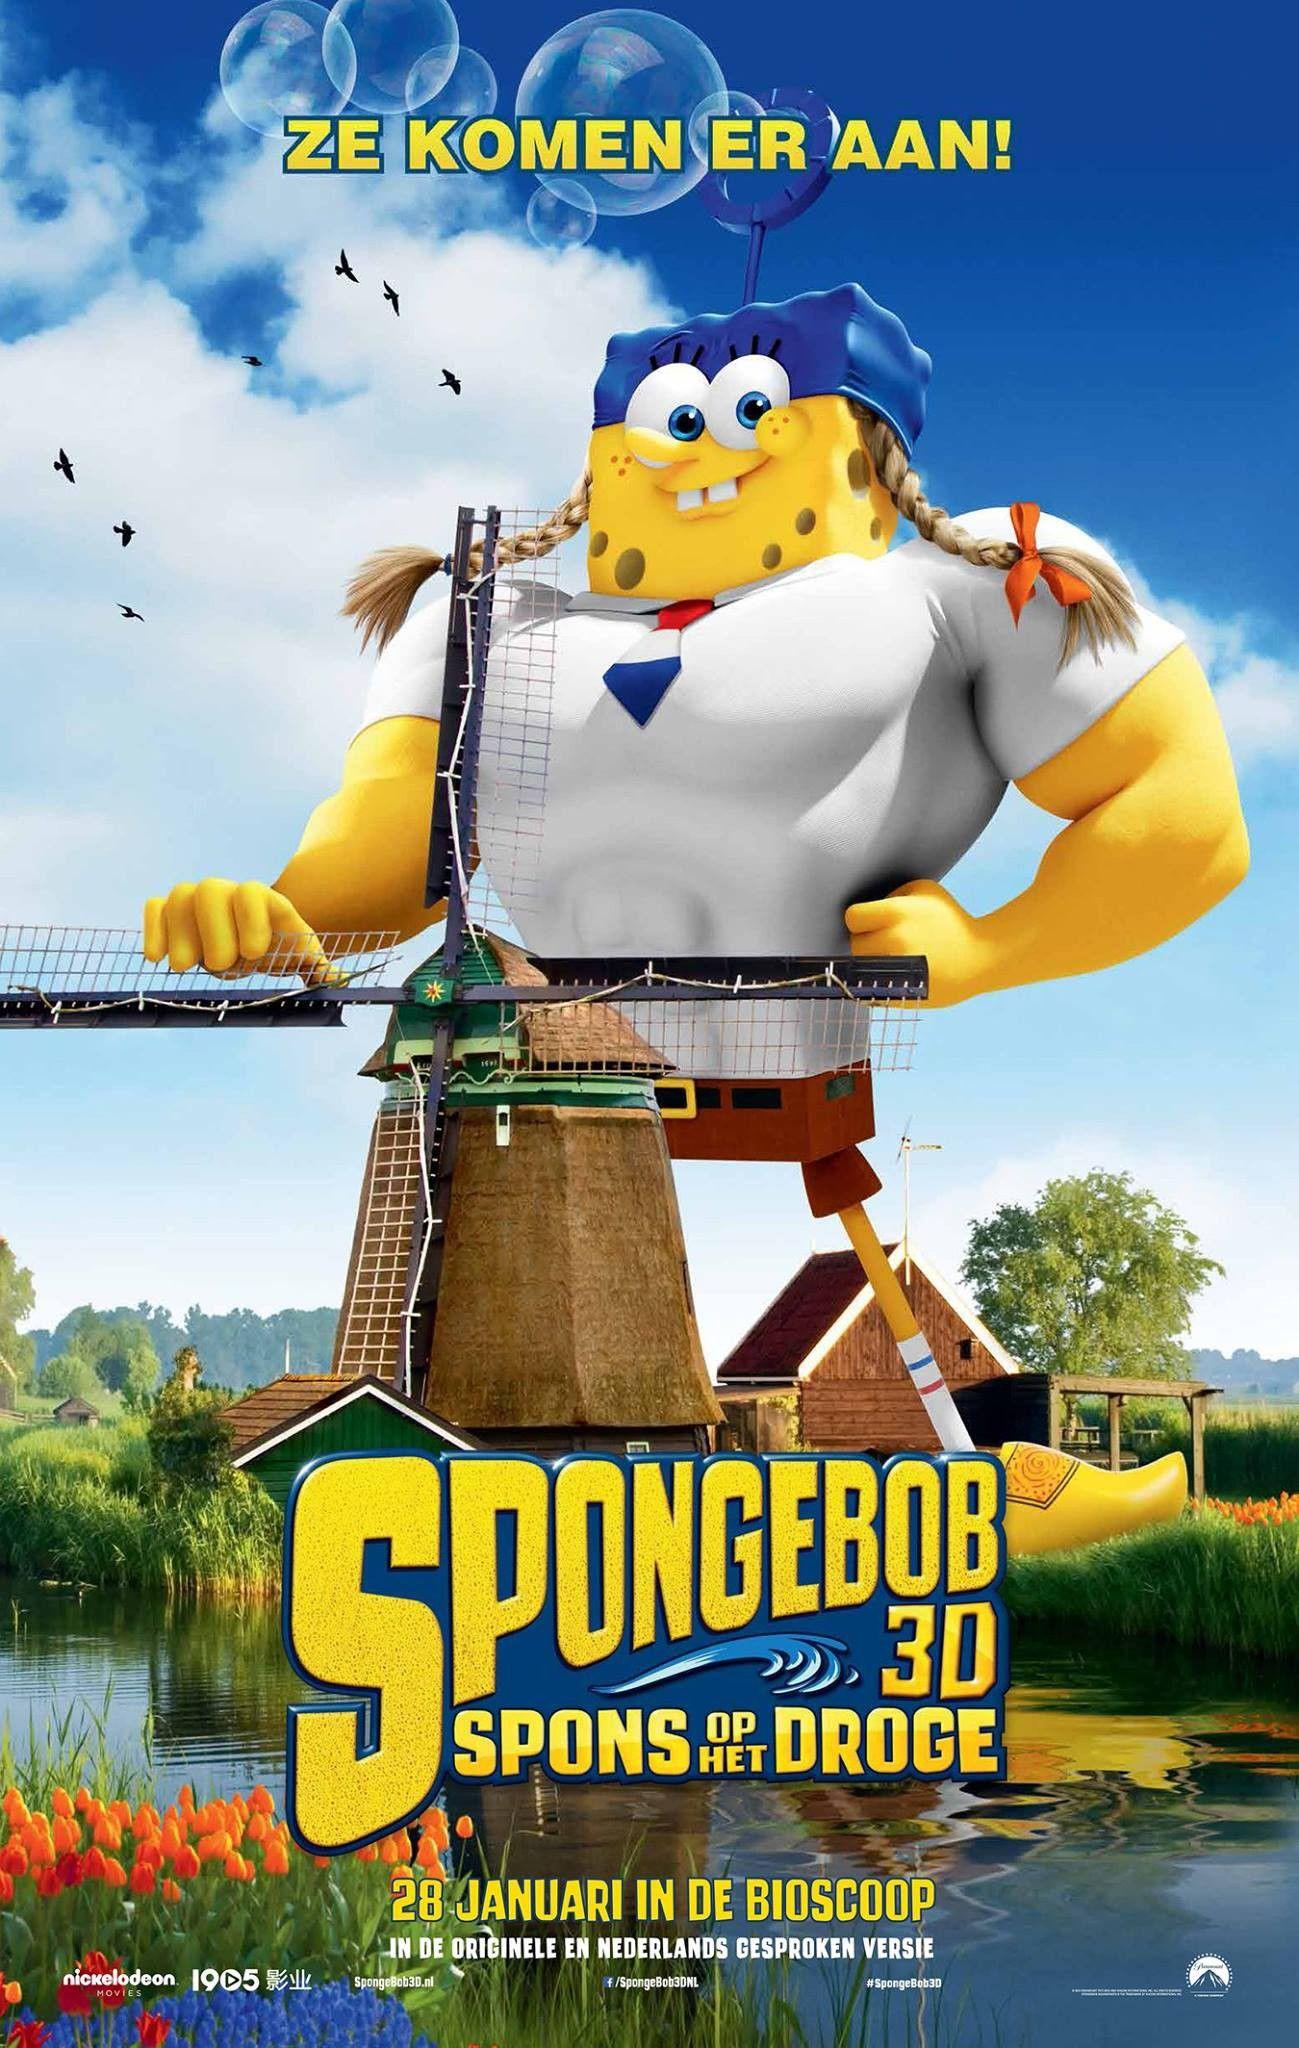 File:SpongeBob 3D Spons op hel Droge.jpeg